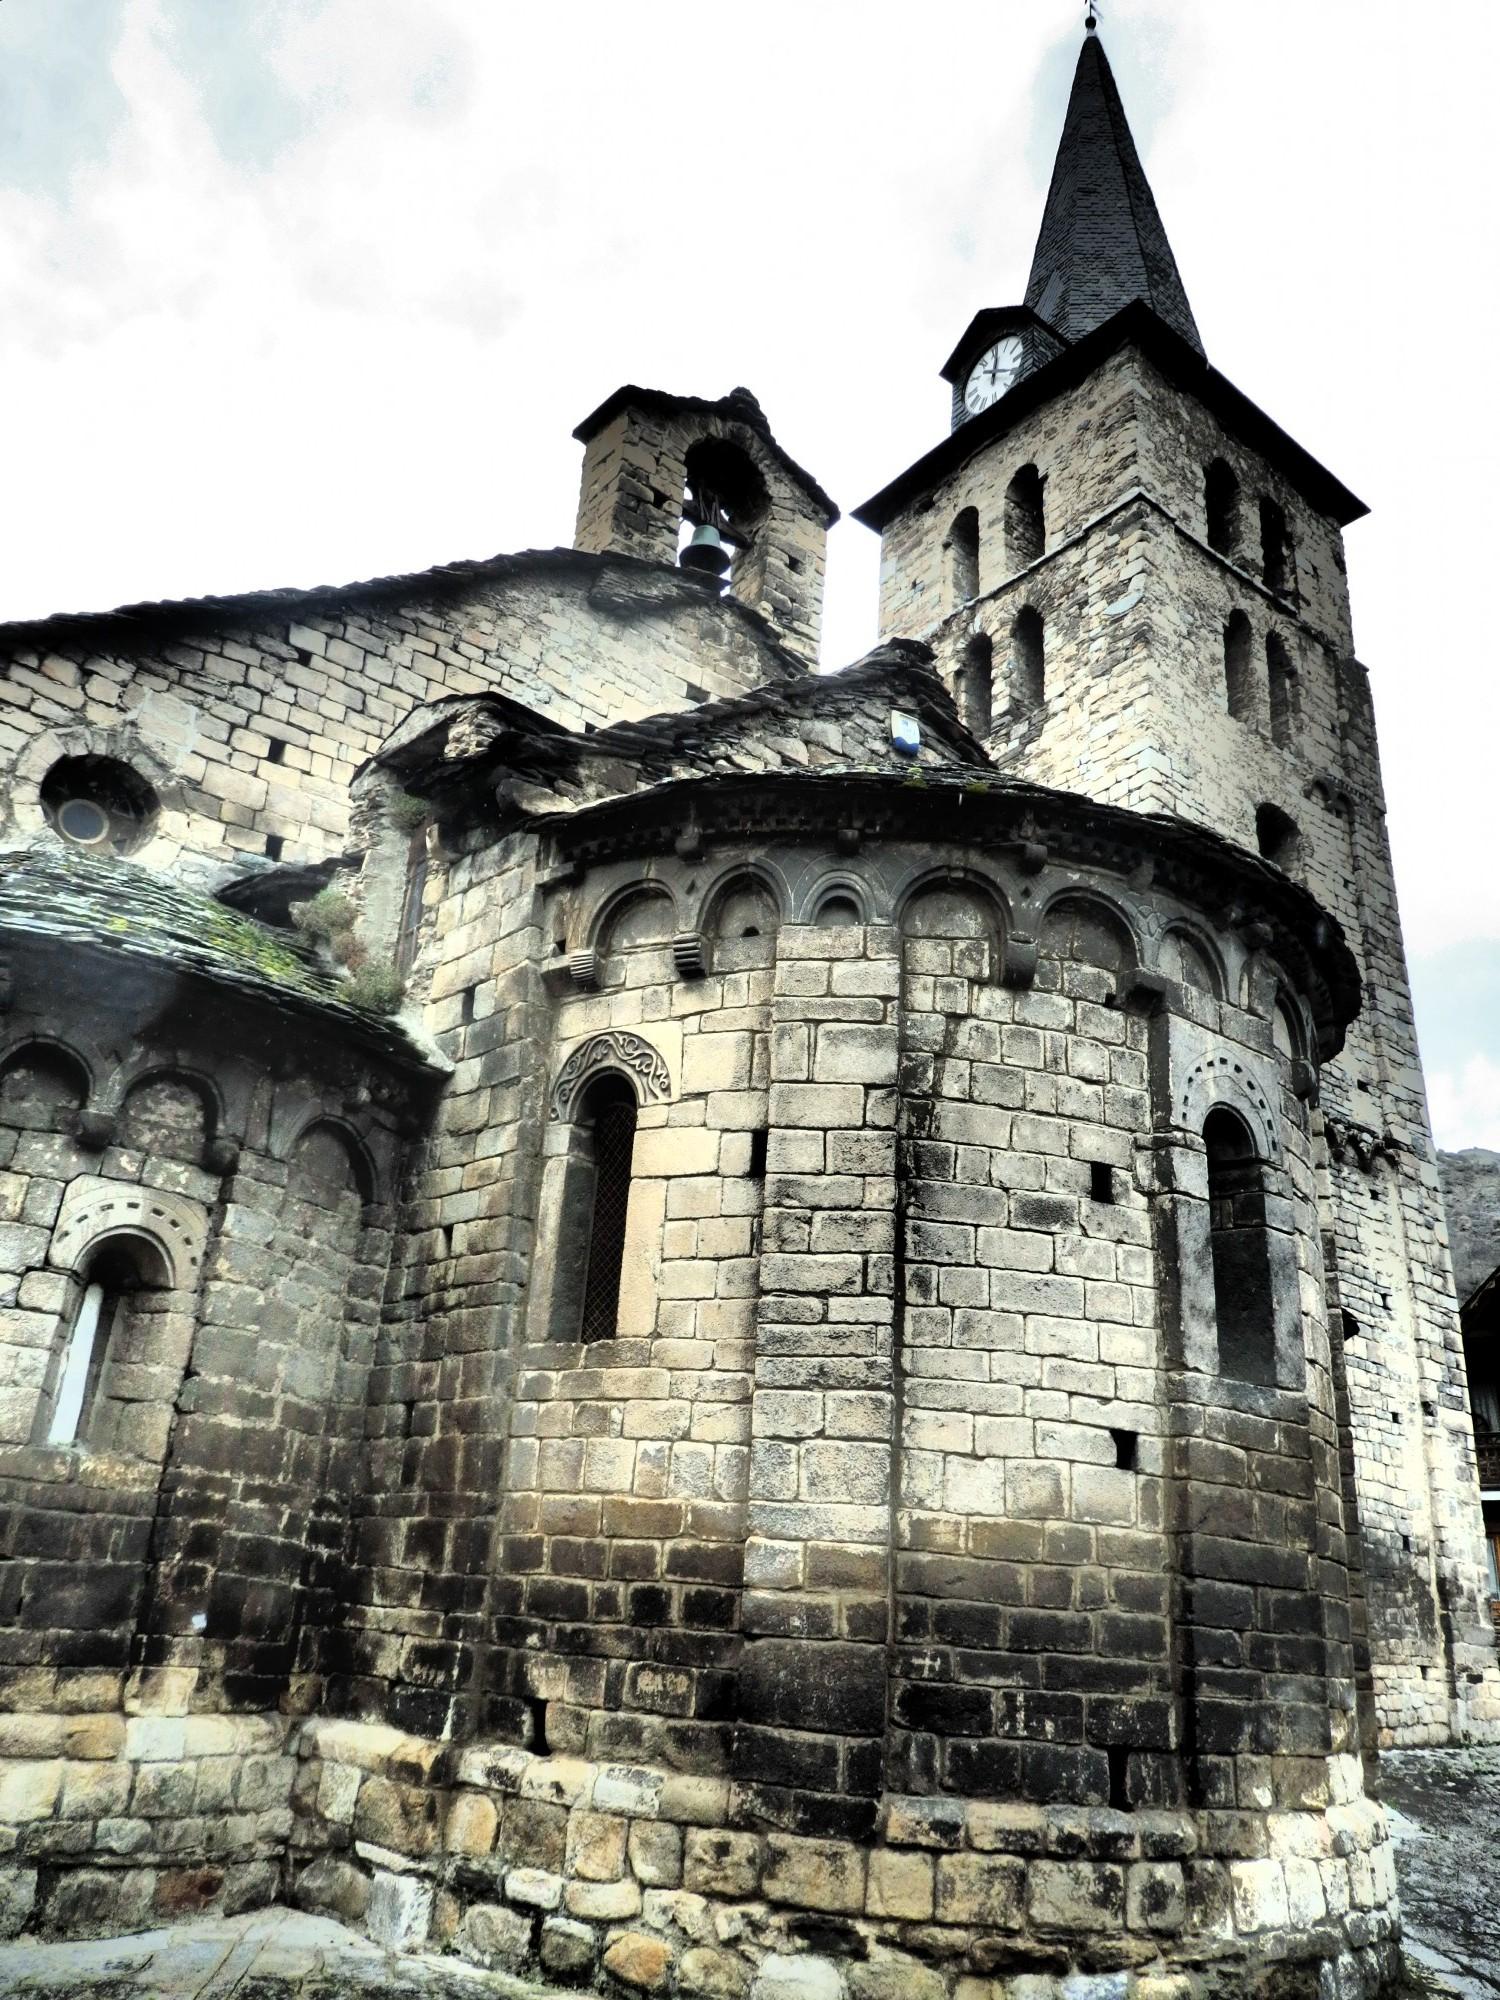 The 11th-12th century Santa Maria de Bossòst church in the Val D'Aran, Spain (Rachel's Ruminations)